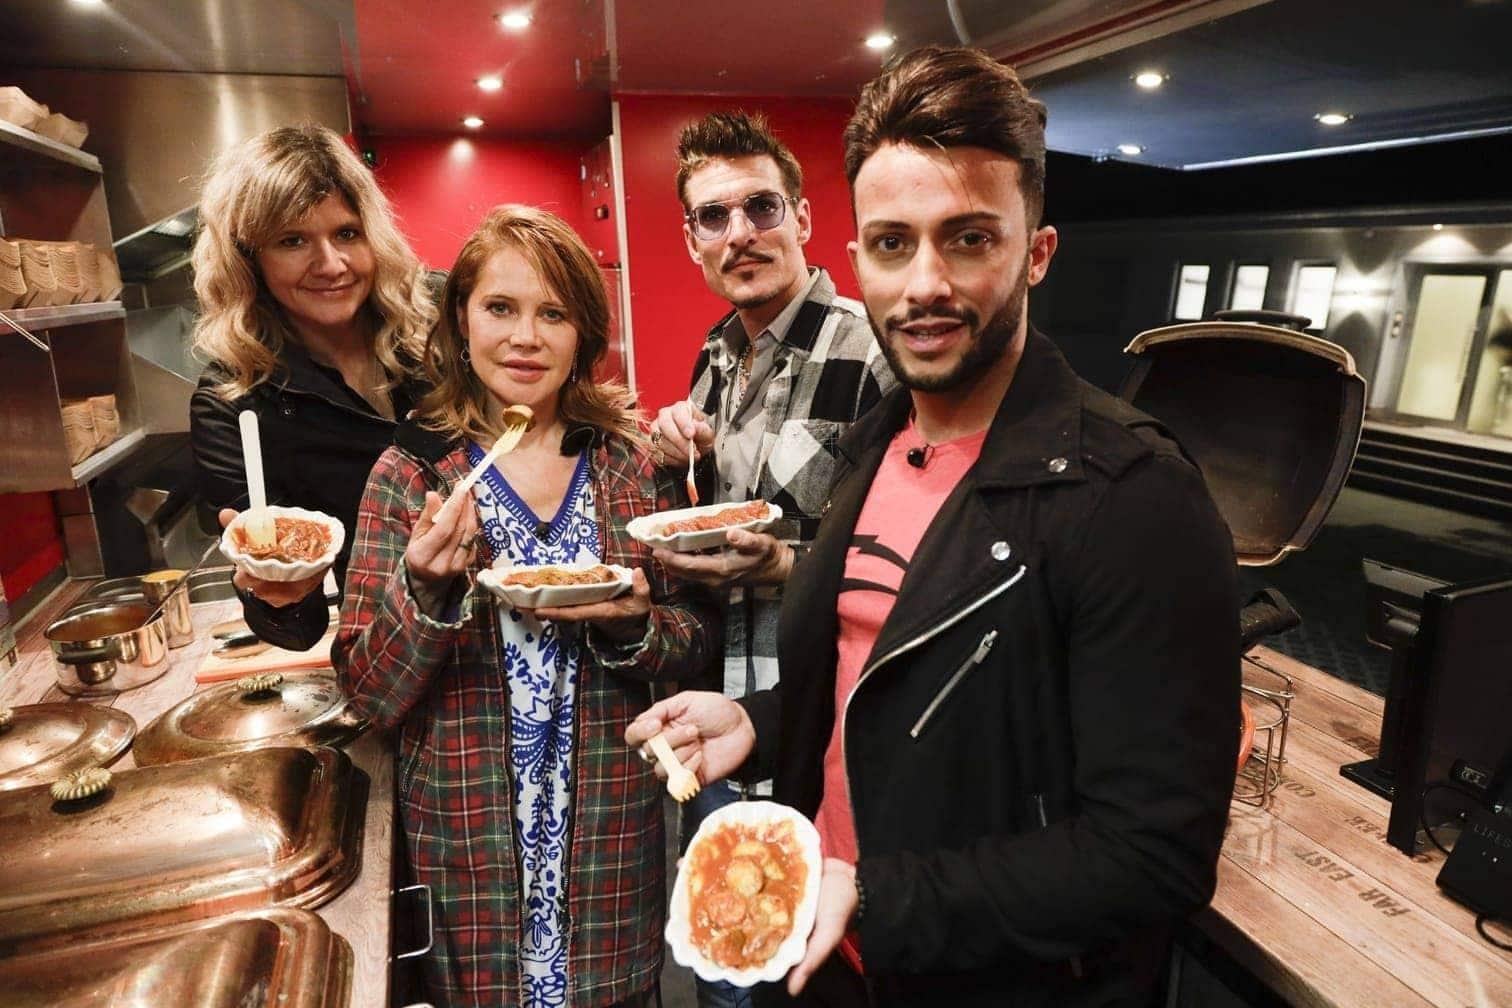 Das Perfekte Dschungel Dinner Doreen Dietel Gewinnt Erste Folge